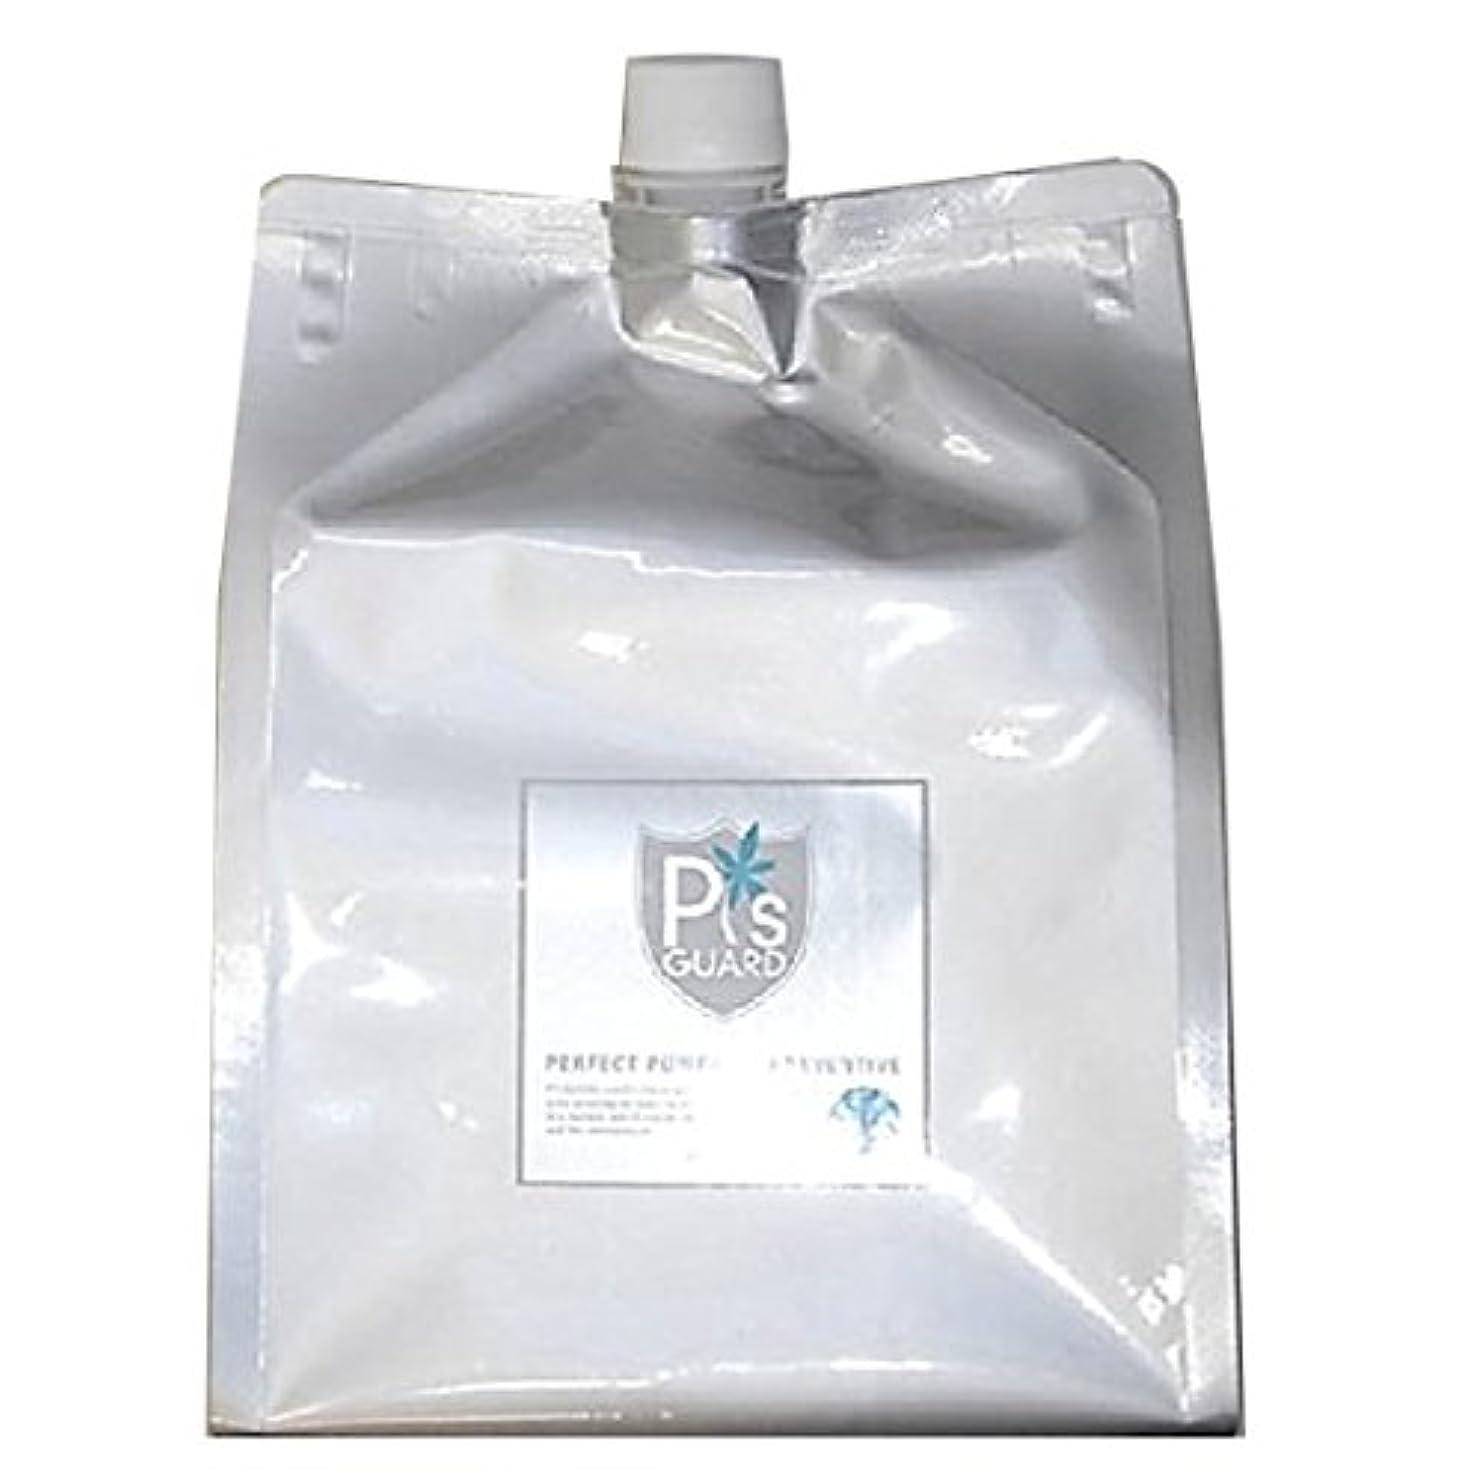 水っぽい甘美な腐敗ピーズガード 除菌消臭剤ピーズガード 詰替用 2.3L 1パック